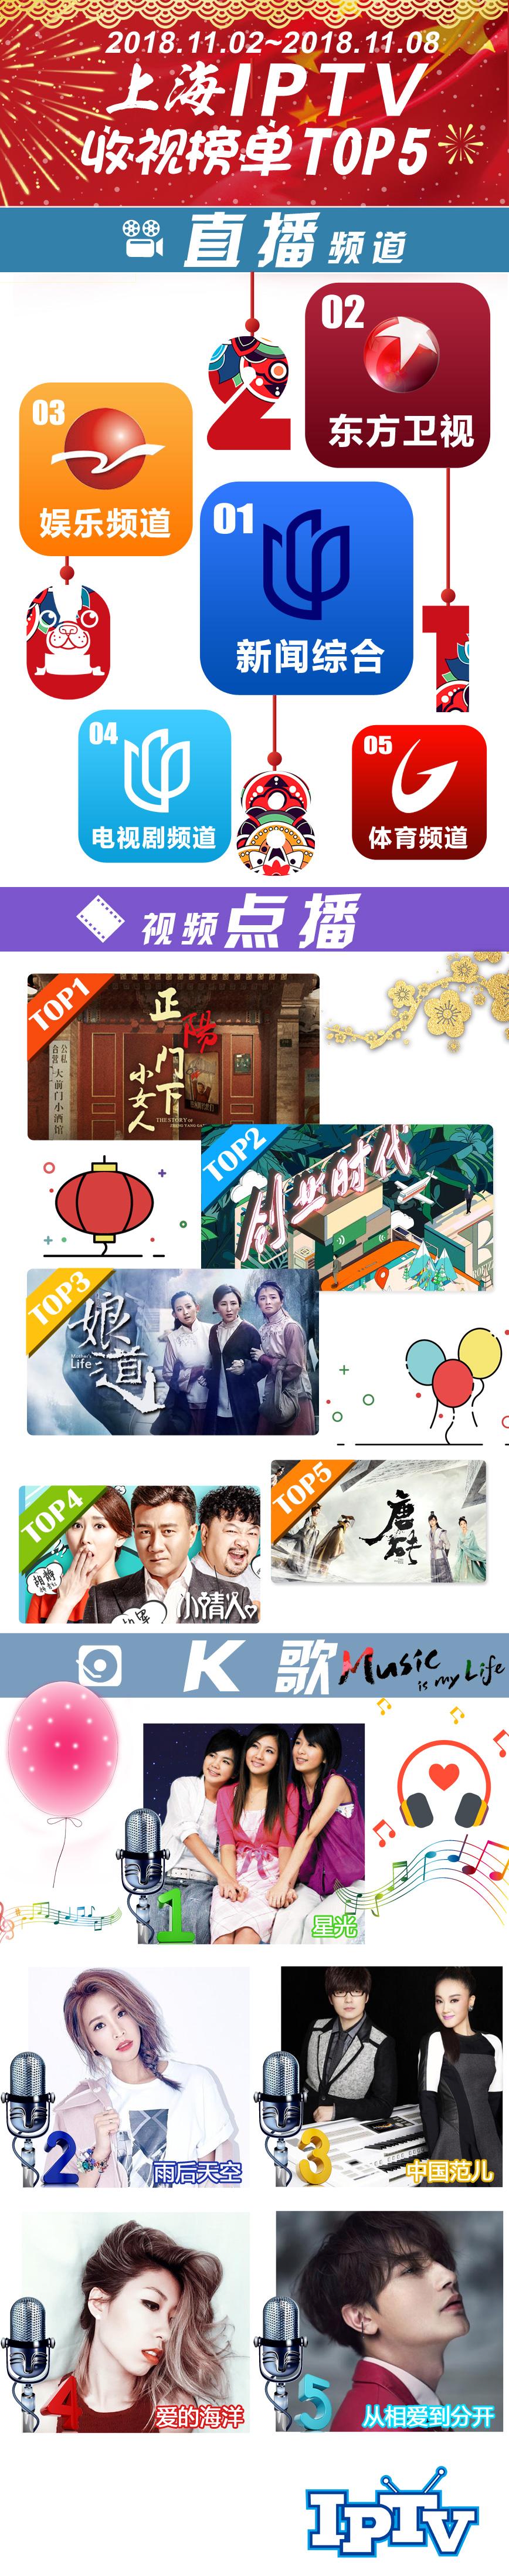 2018微博-上海IPTV收视榜单TOP5-181109.jpg